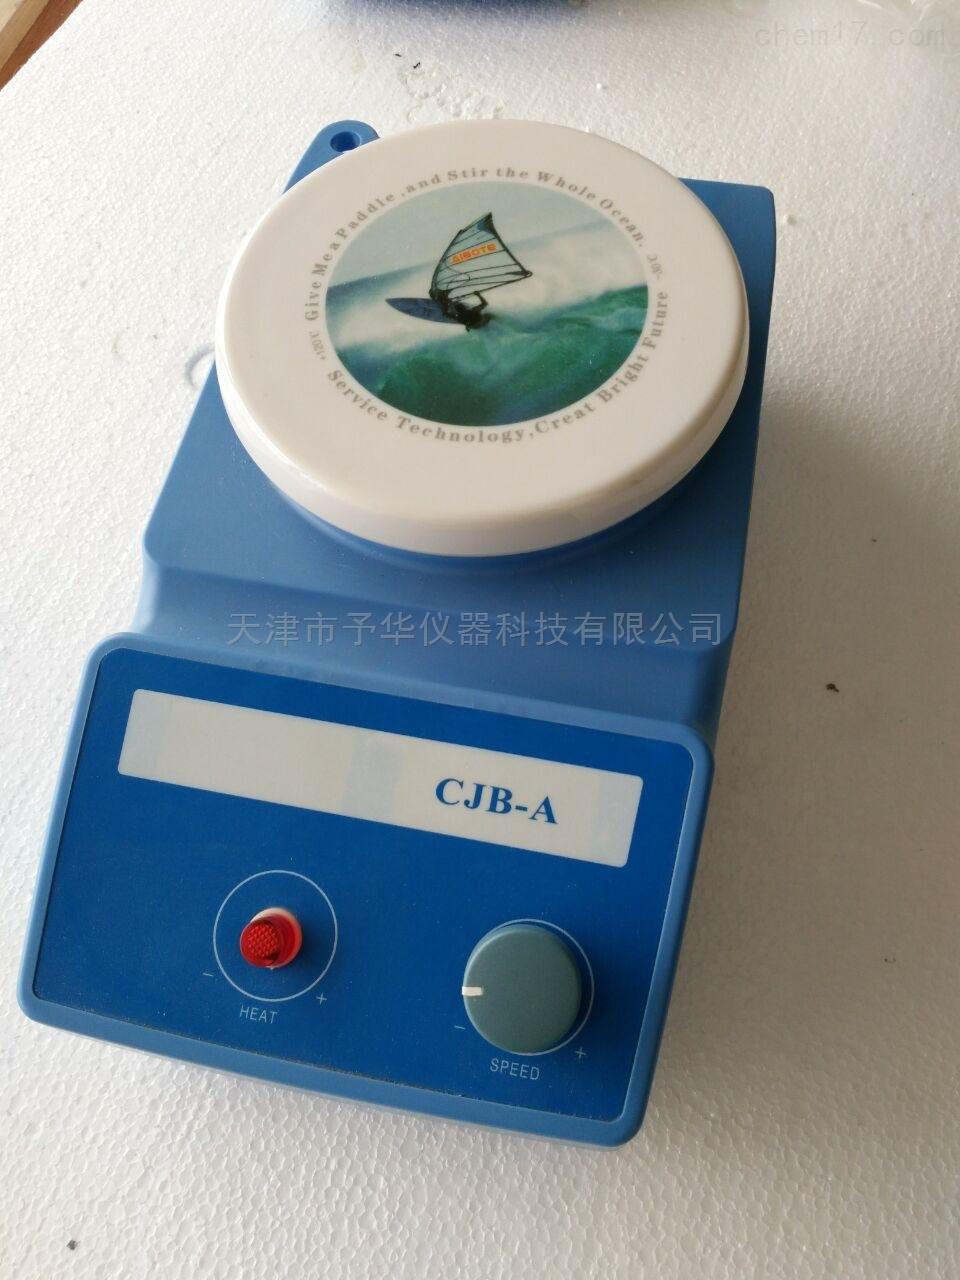 CJB-A磁力搅拌器